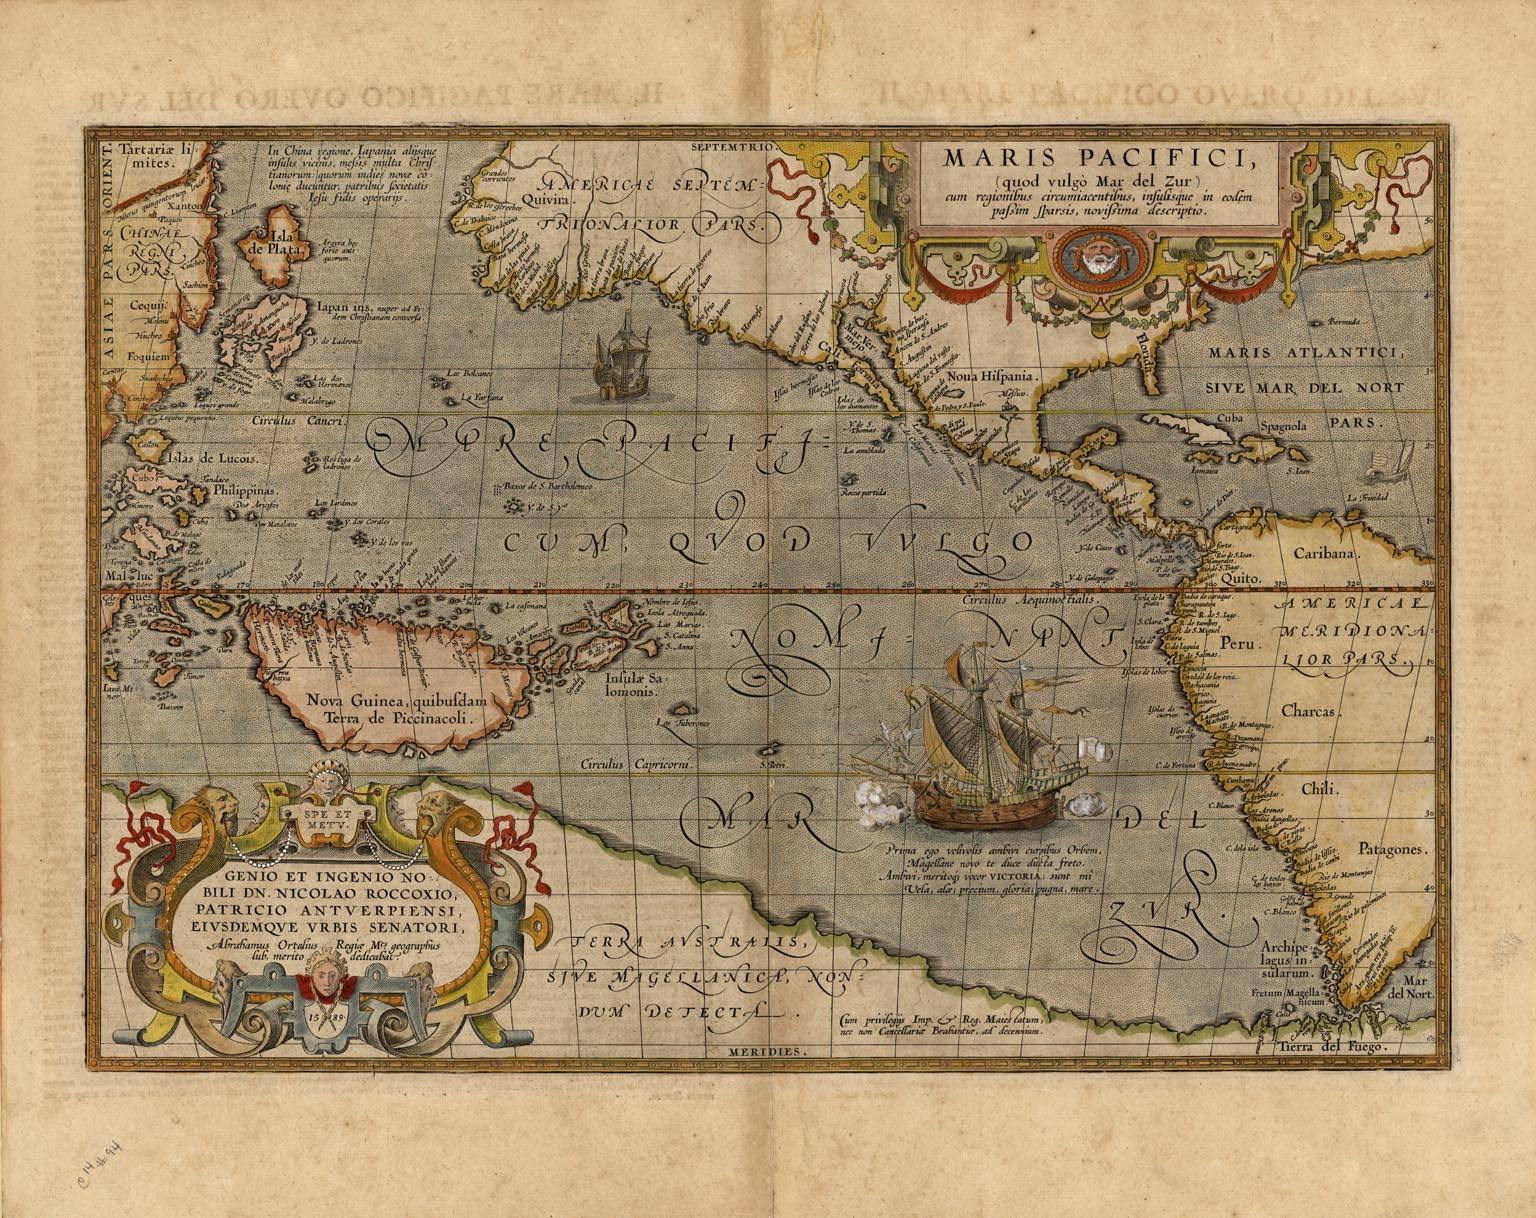 Maris Pacifici, (quod vulgo Mar del Zur)....